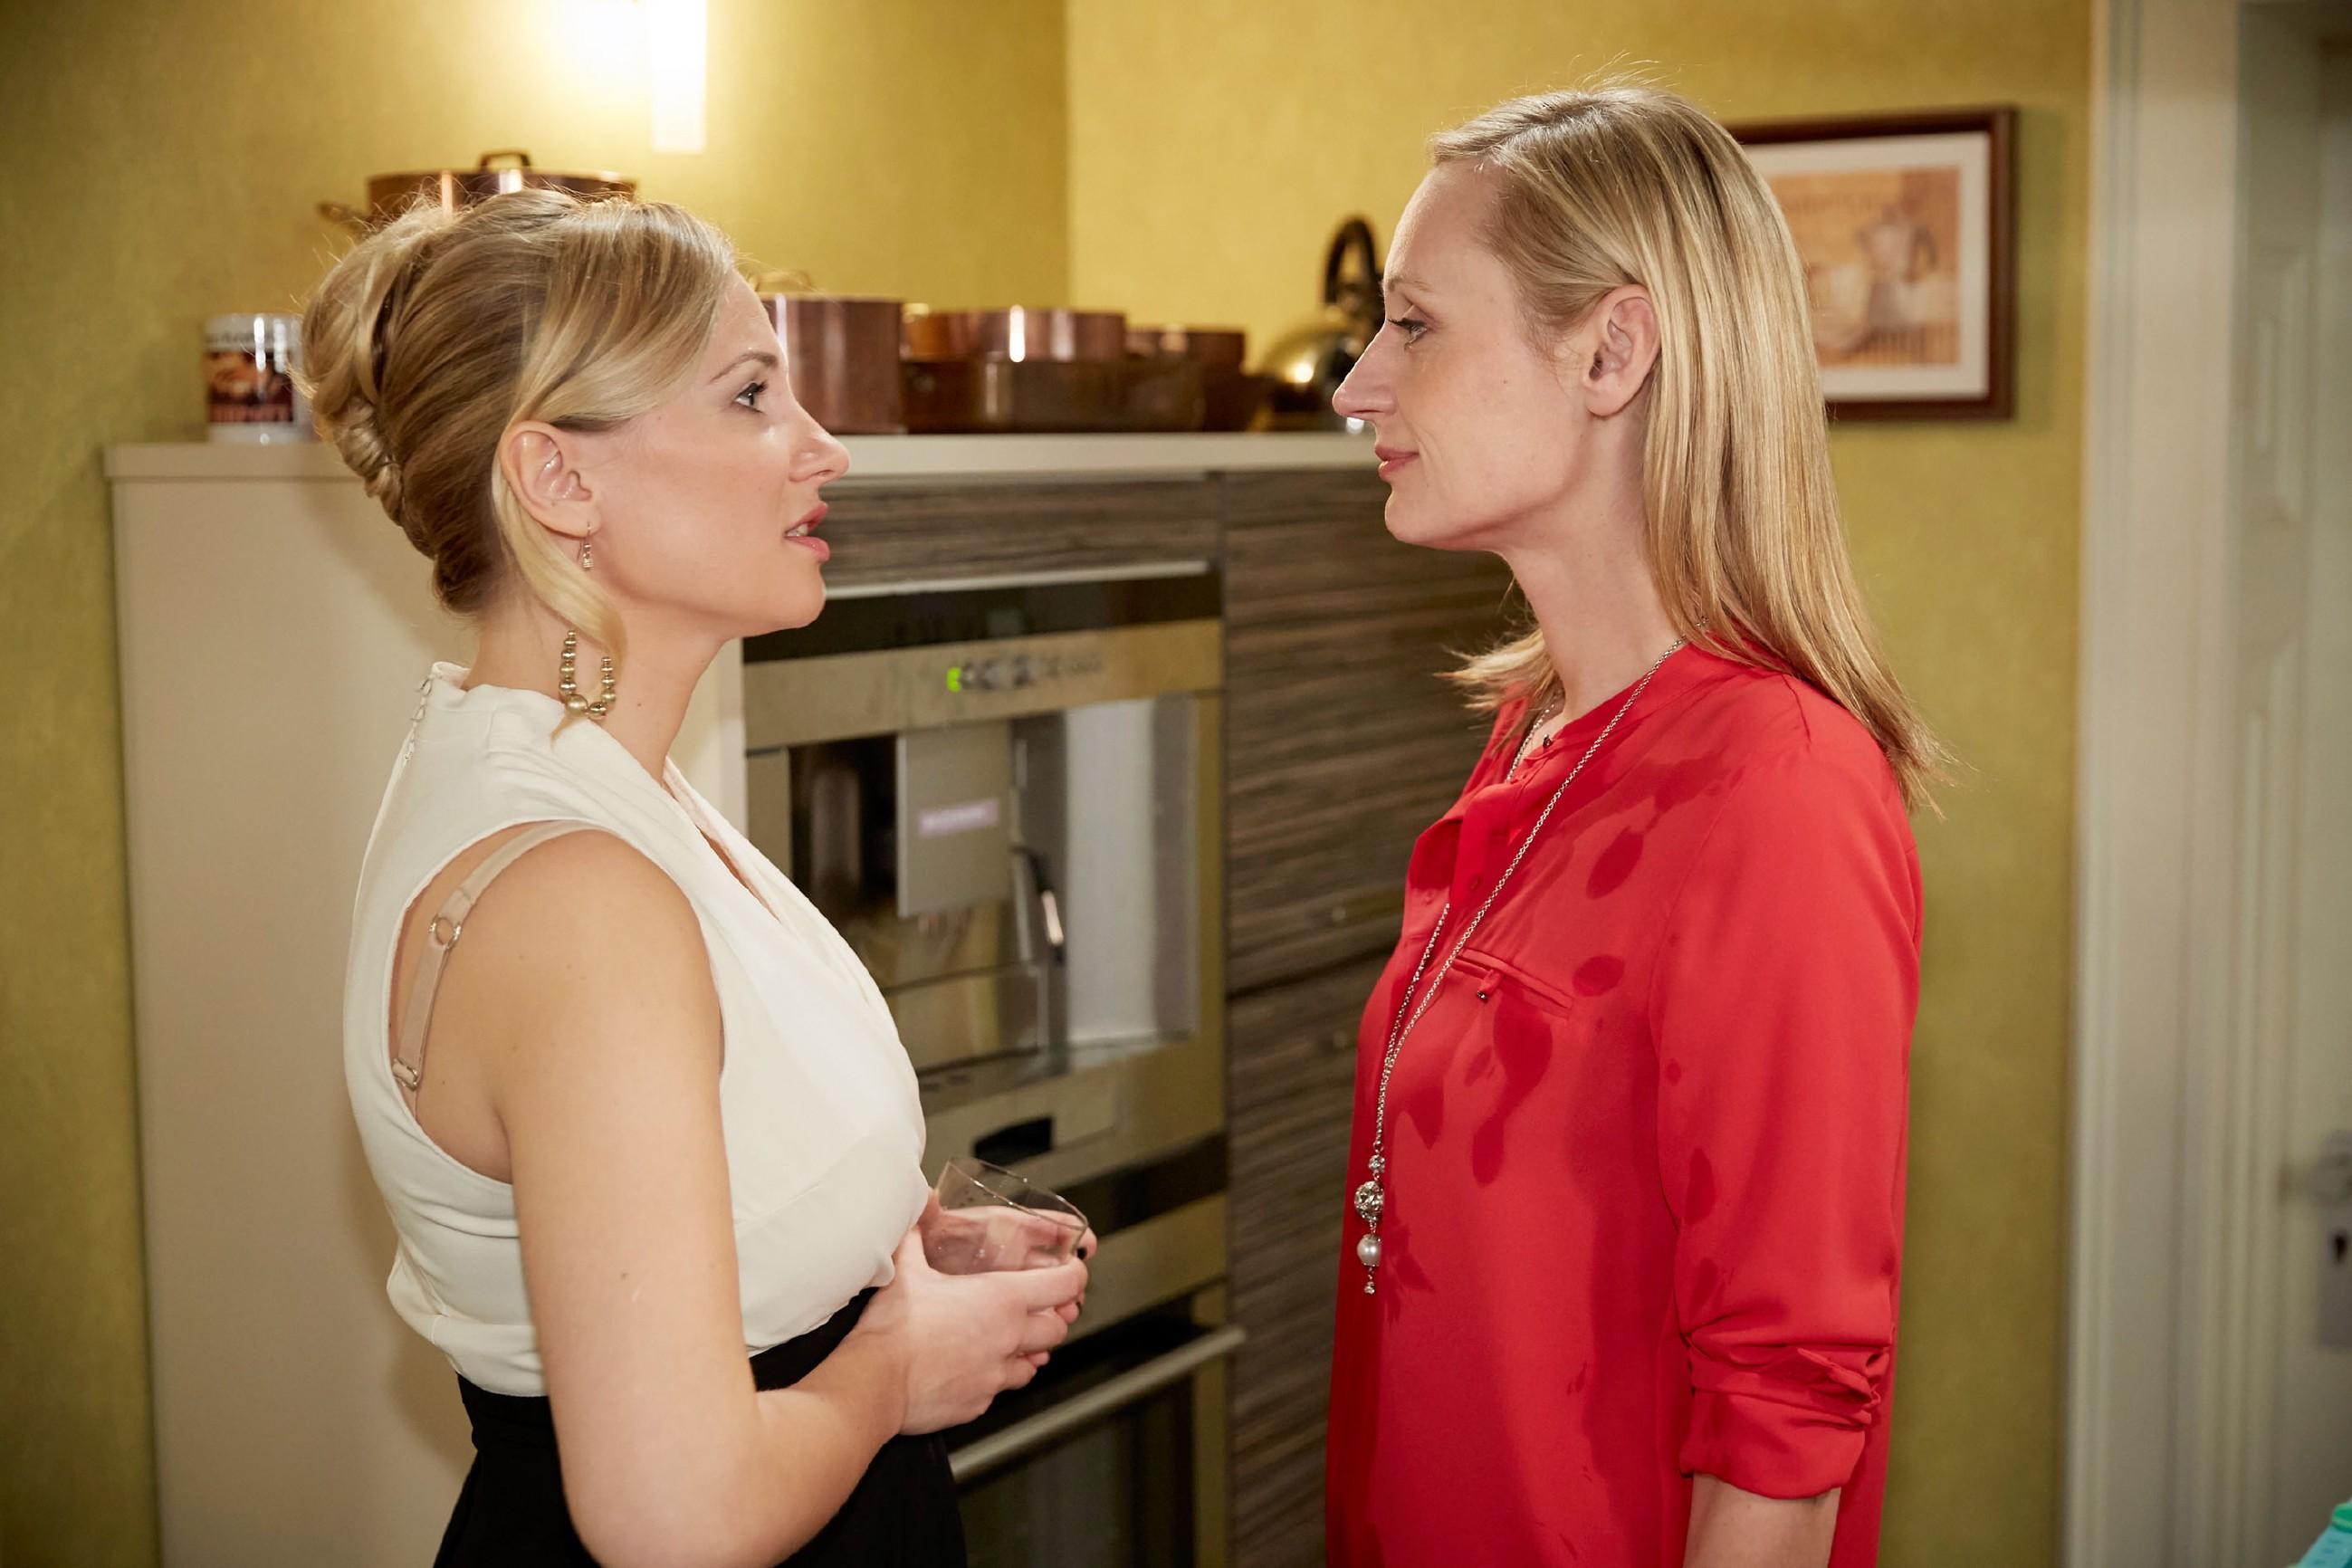 Isabelle (Ania Niedieck, l.) versucht souverän damit umzugehen, dass Thomas mit Sonja (Barbara Sotelsek) geschlafen hat, doch als sie diese trifft, kann sie ihre Wut nicht länger zügeln... (Quelle: RTL / Guido Engels)